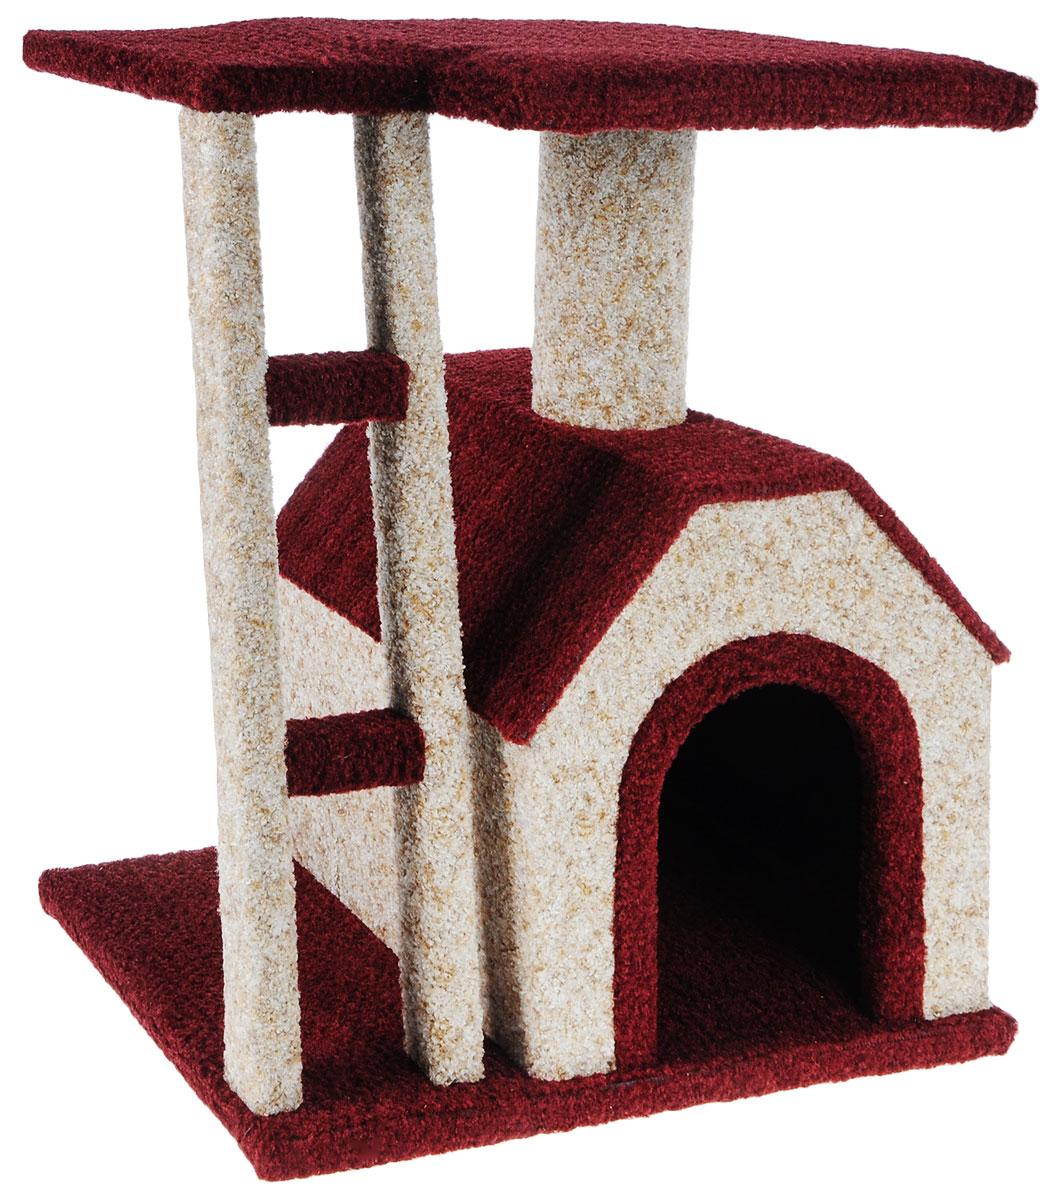 Игровой комплекс для кошек Грызлик Ам Клайд, цвет: бежевый, бордовый, 50 x 38 x 52 см40.GR.052Игровой комплекс для кошек Грызлик Ам Клайд выполнен из высококачественного МДФ и обтянут ковролином. Комплекс состоит из нескольких элементов. В домике животное сможет спрятаться от посторонних глаз и отдохнуть. Верхняя полка прекрасно послужит в качестве лежанки и наблюдений за происходящим. Ковролин, из которого сделан комплекс, обеспечивает естественный уход за когтями питомца, поэтому теперь ваша мебель и стены будут в сохранности. Изделие также имеет лесенку. Уютный комплекс для игр и отдыха станет излюбленным местом вашего питомца. Оригинальный дизайн отлично впишется в интерьер помещения. Размер домика: 34 х 37 х 32 см. Размер верхней полки: 50 х 38 см.